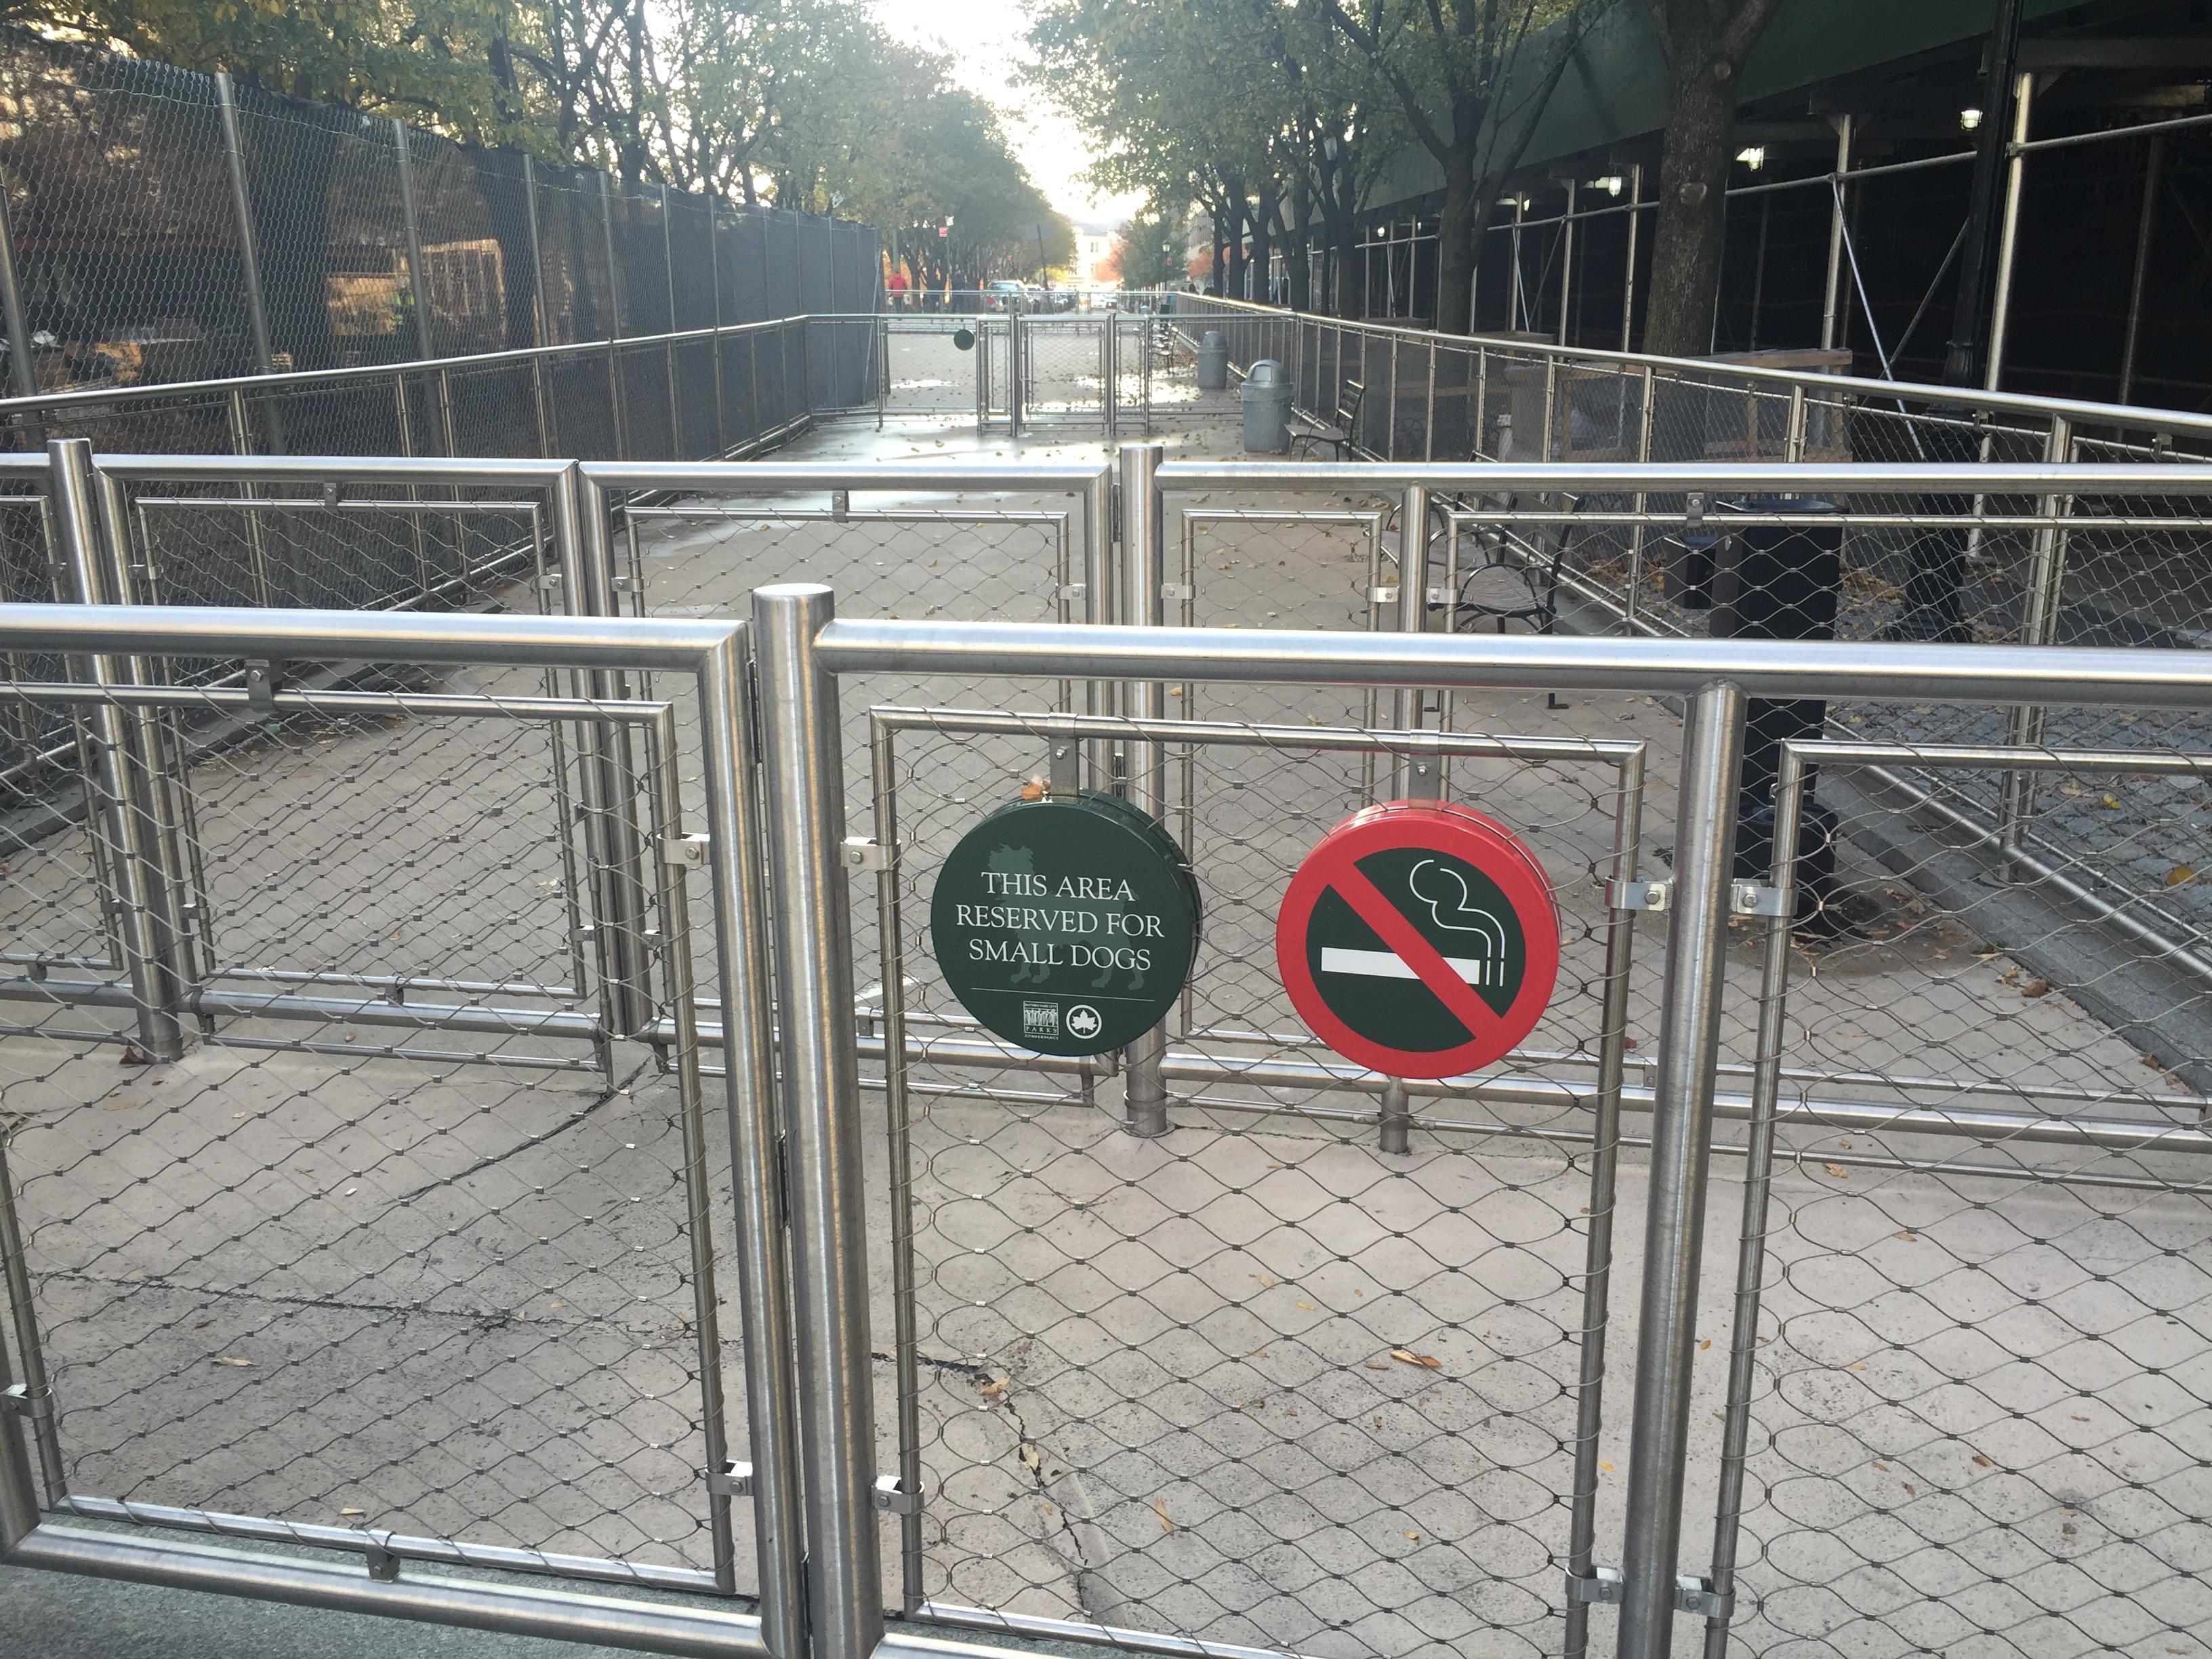 Temporary Dog Run : Temporary small dog run closure battery park city authority